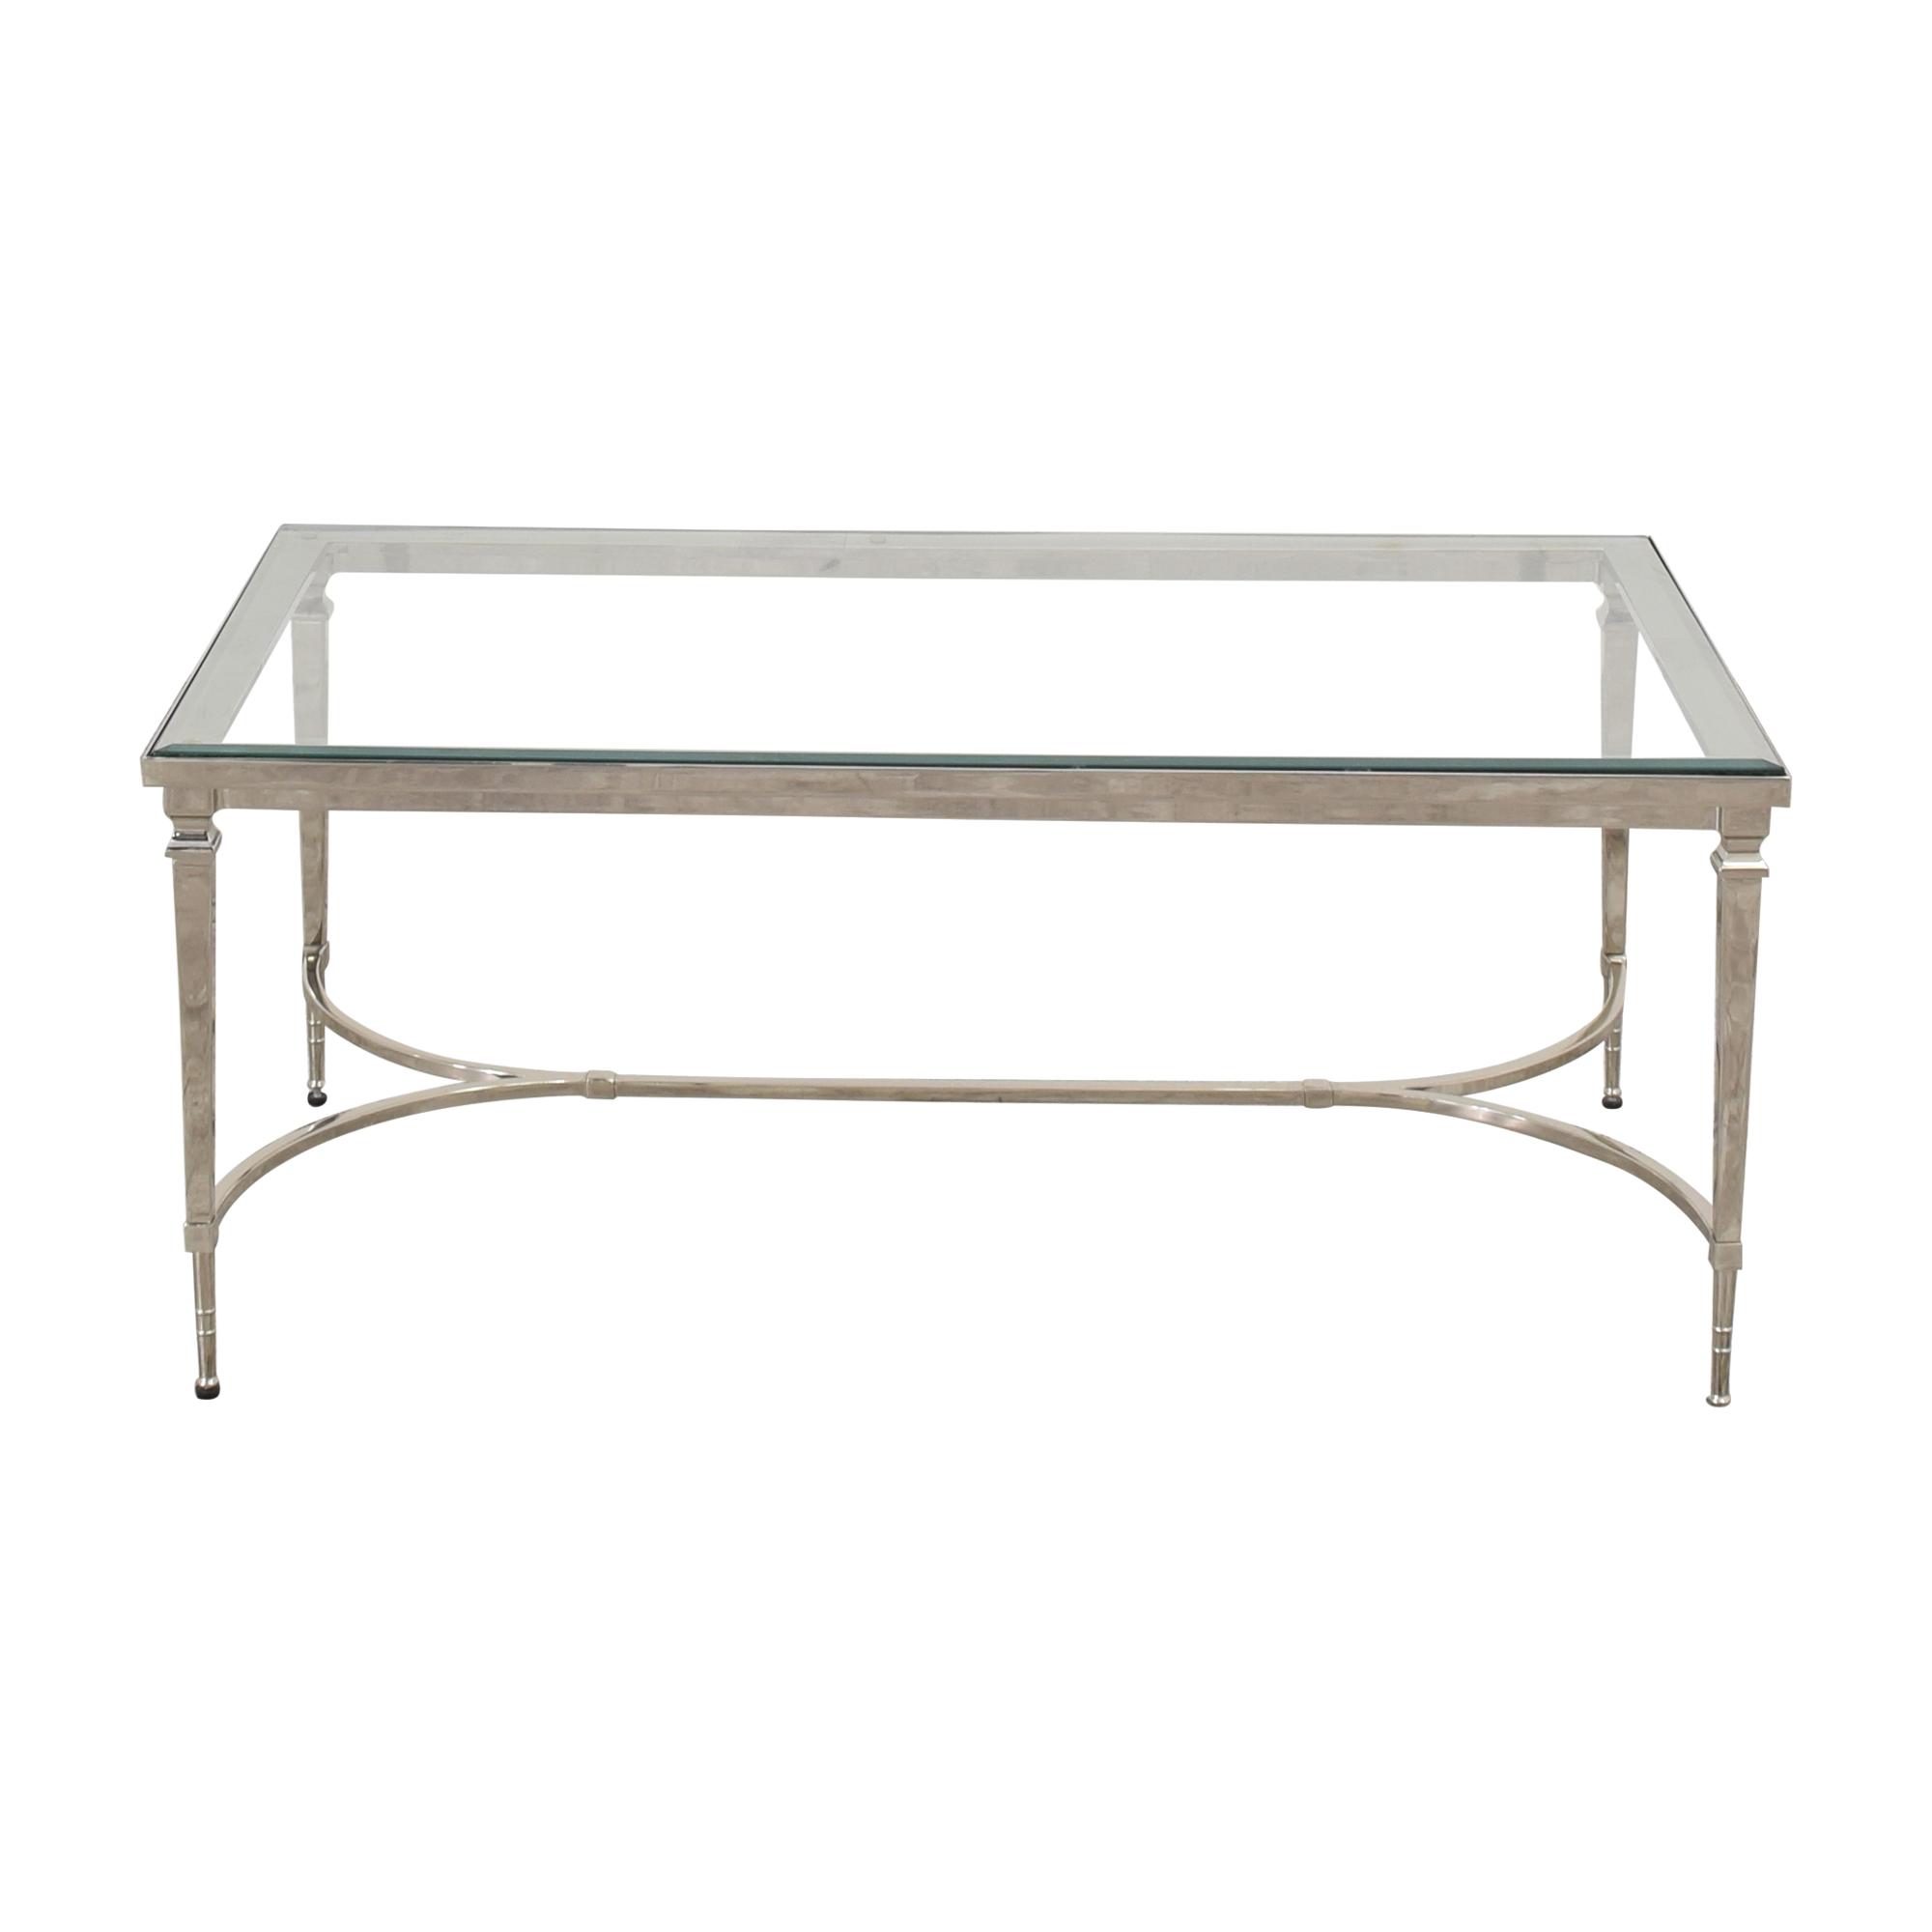 53 off williams sonoma williams sonoma cosmopolitan coffee table tables